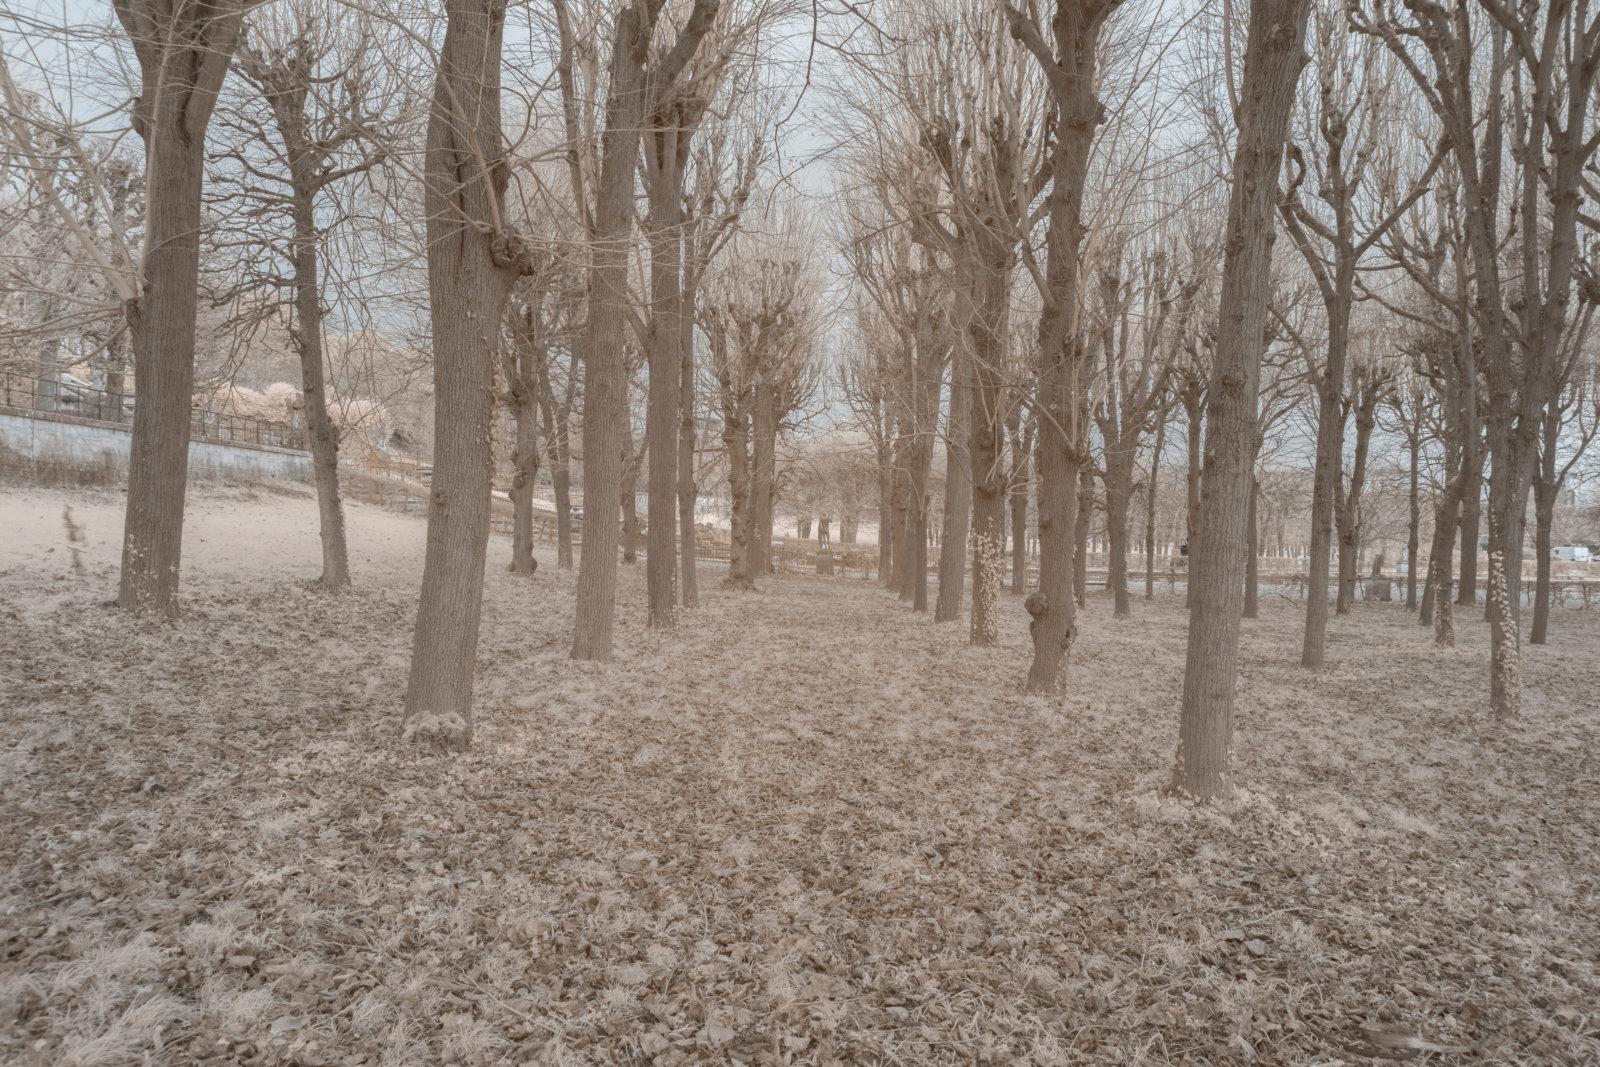 DETAILS 2 24mm F11 CANON | Pierre-Louis Ferrer | Test du SIGMA 24mm F/1.4 DG HSM Art en photographie infrarouge | Partie 1